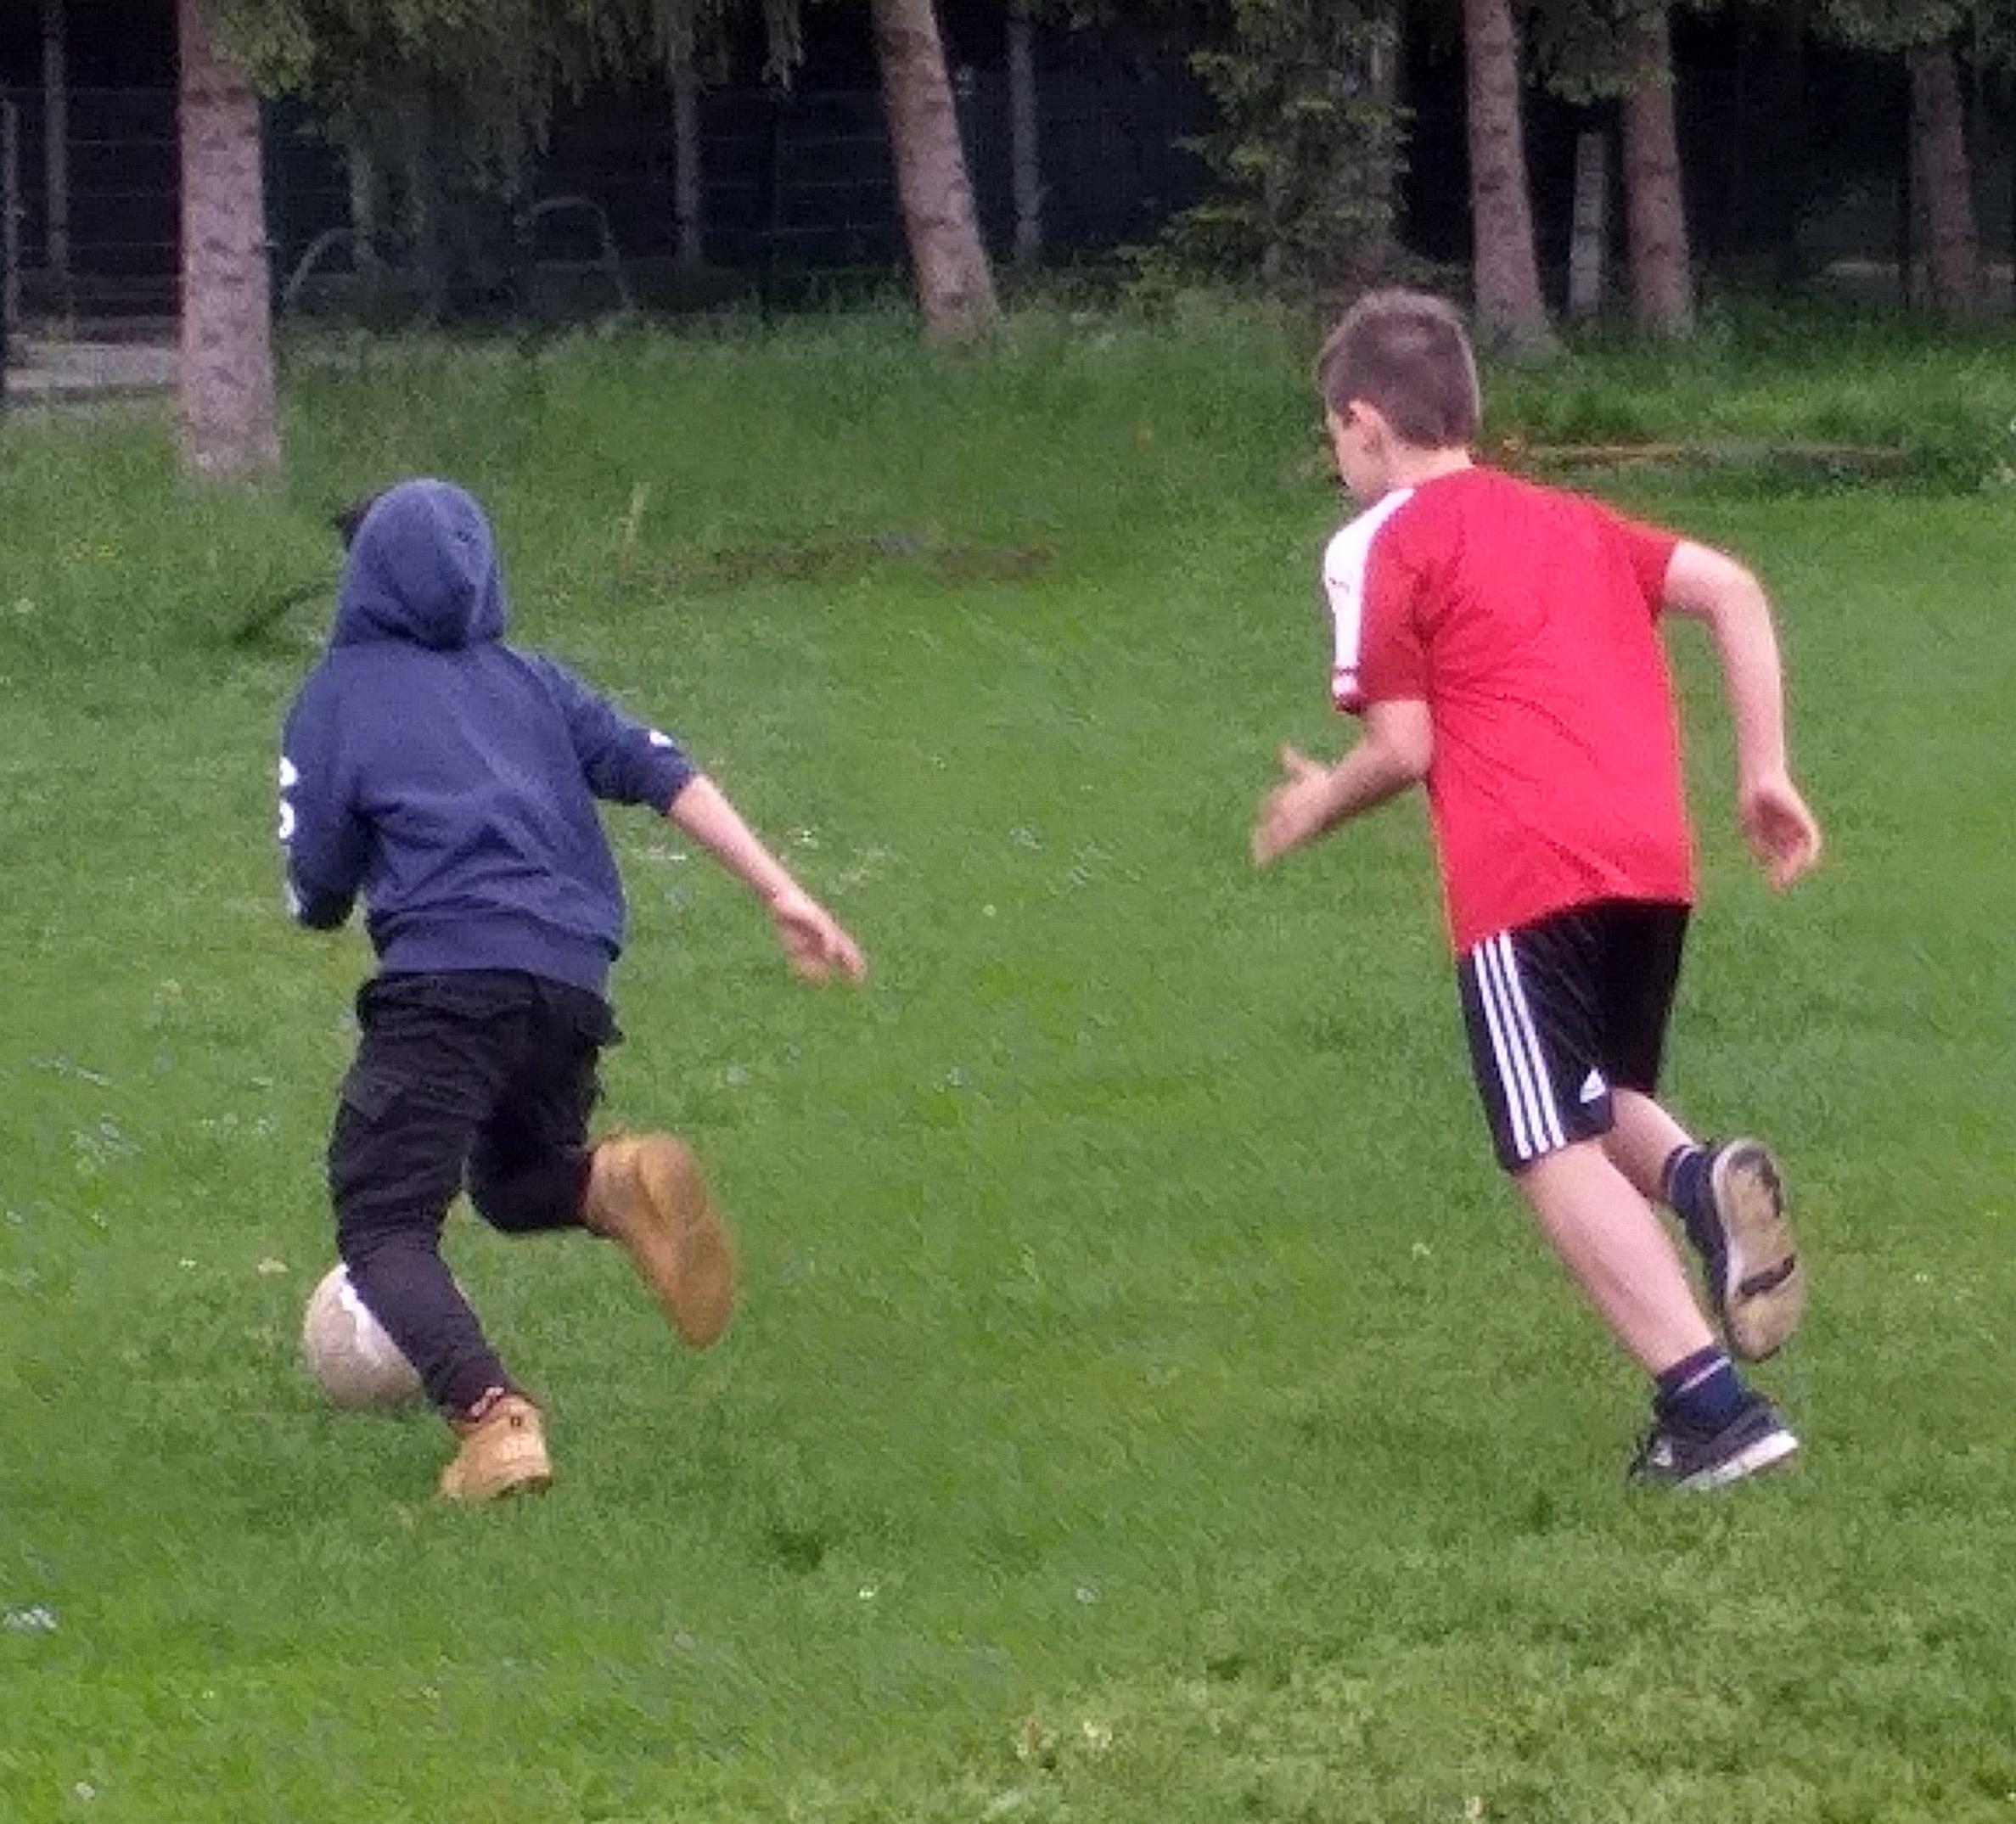 ENTFALLEN – wegen Schlechtwetter!KaRoLieBe-Hobbyfußballturnier am Sa. 9. November 9.30 Uhr